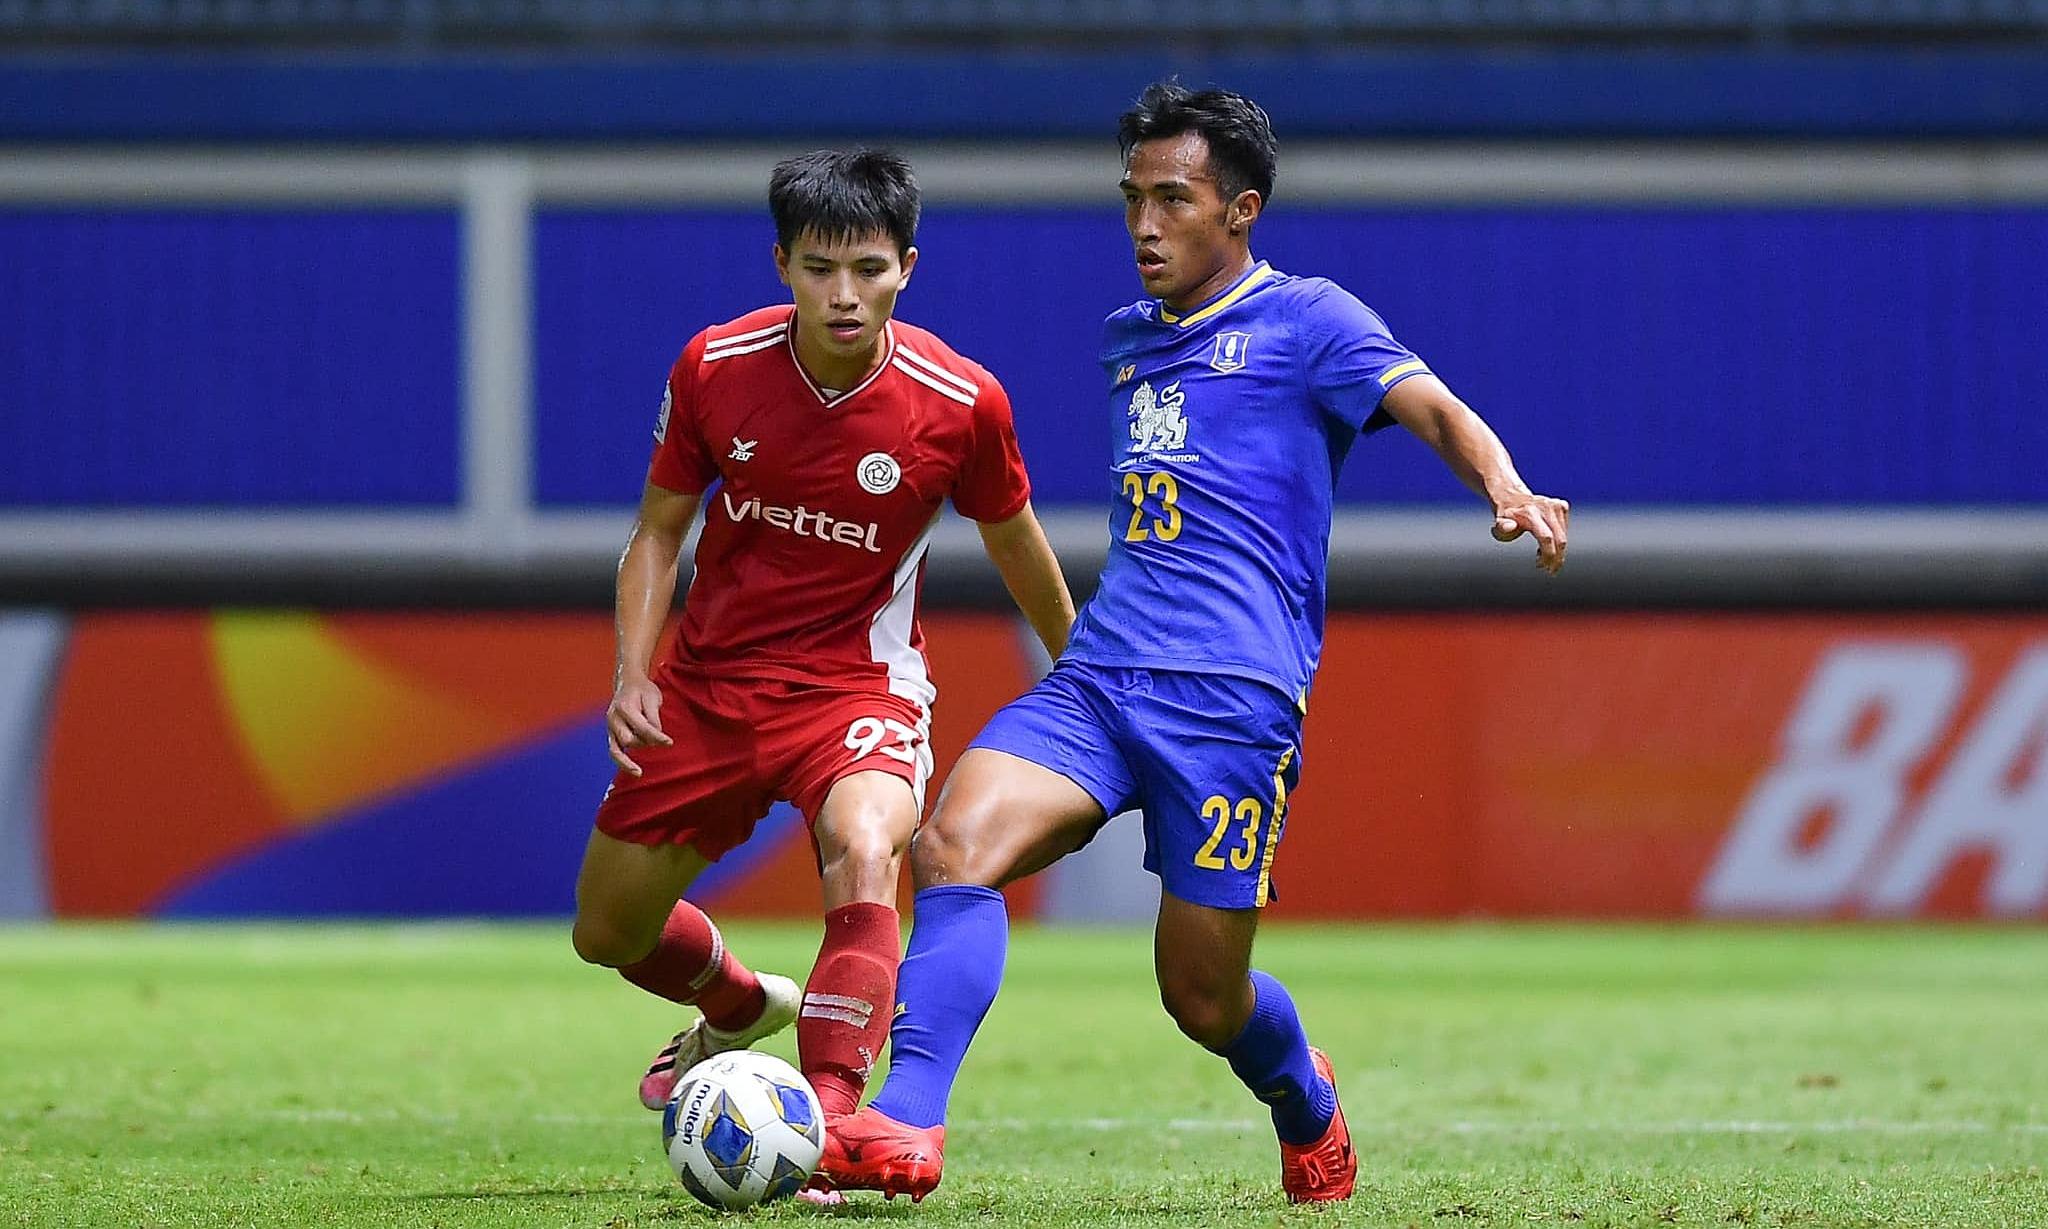 Nhà vô địch V-League 2020 - Viettel - khộng tạo ra nhiều cơ hội trước nhà vô địch Thái Lan. Ảnh: Viettel FC